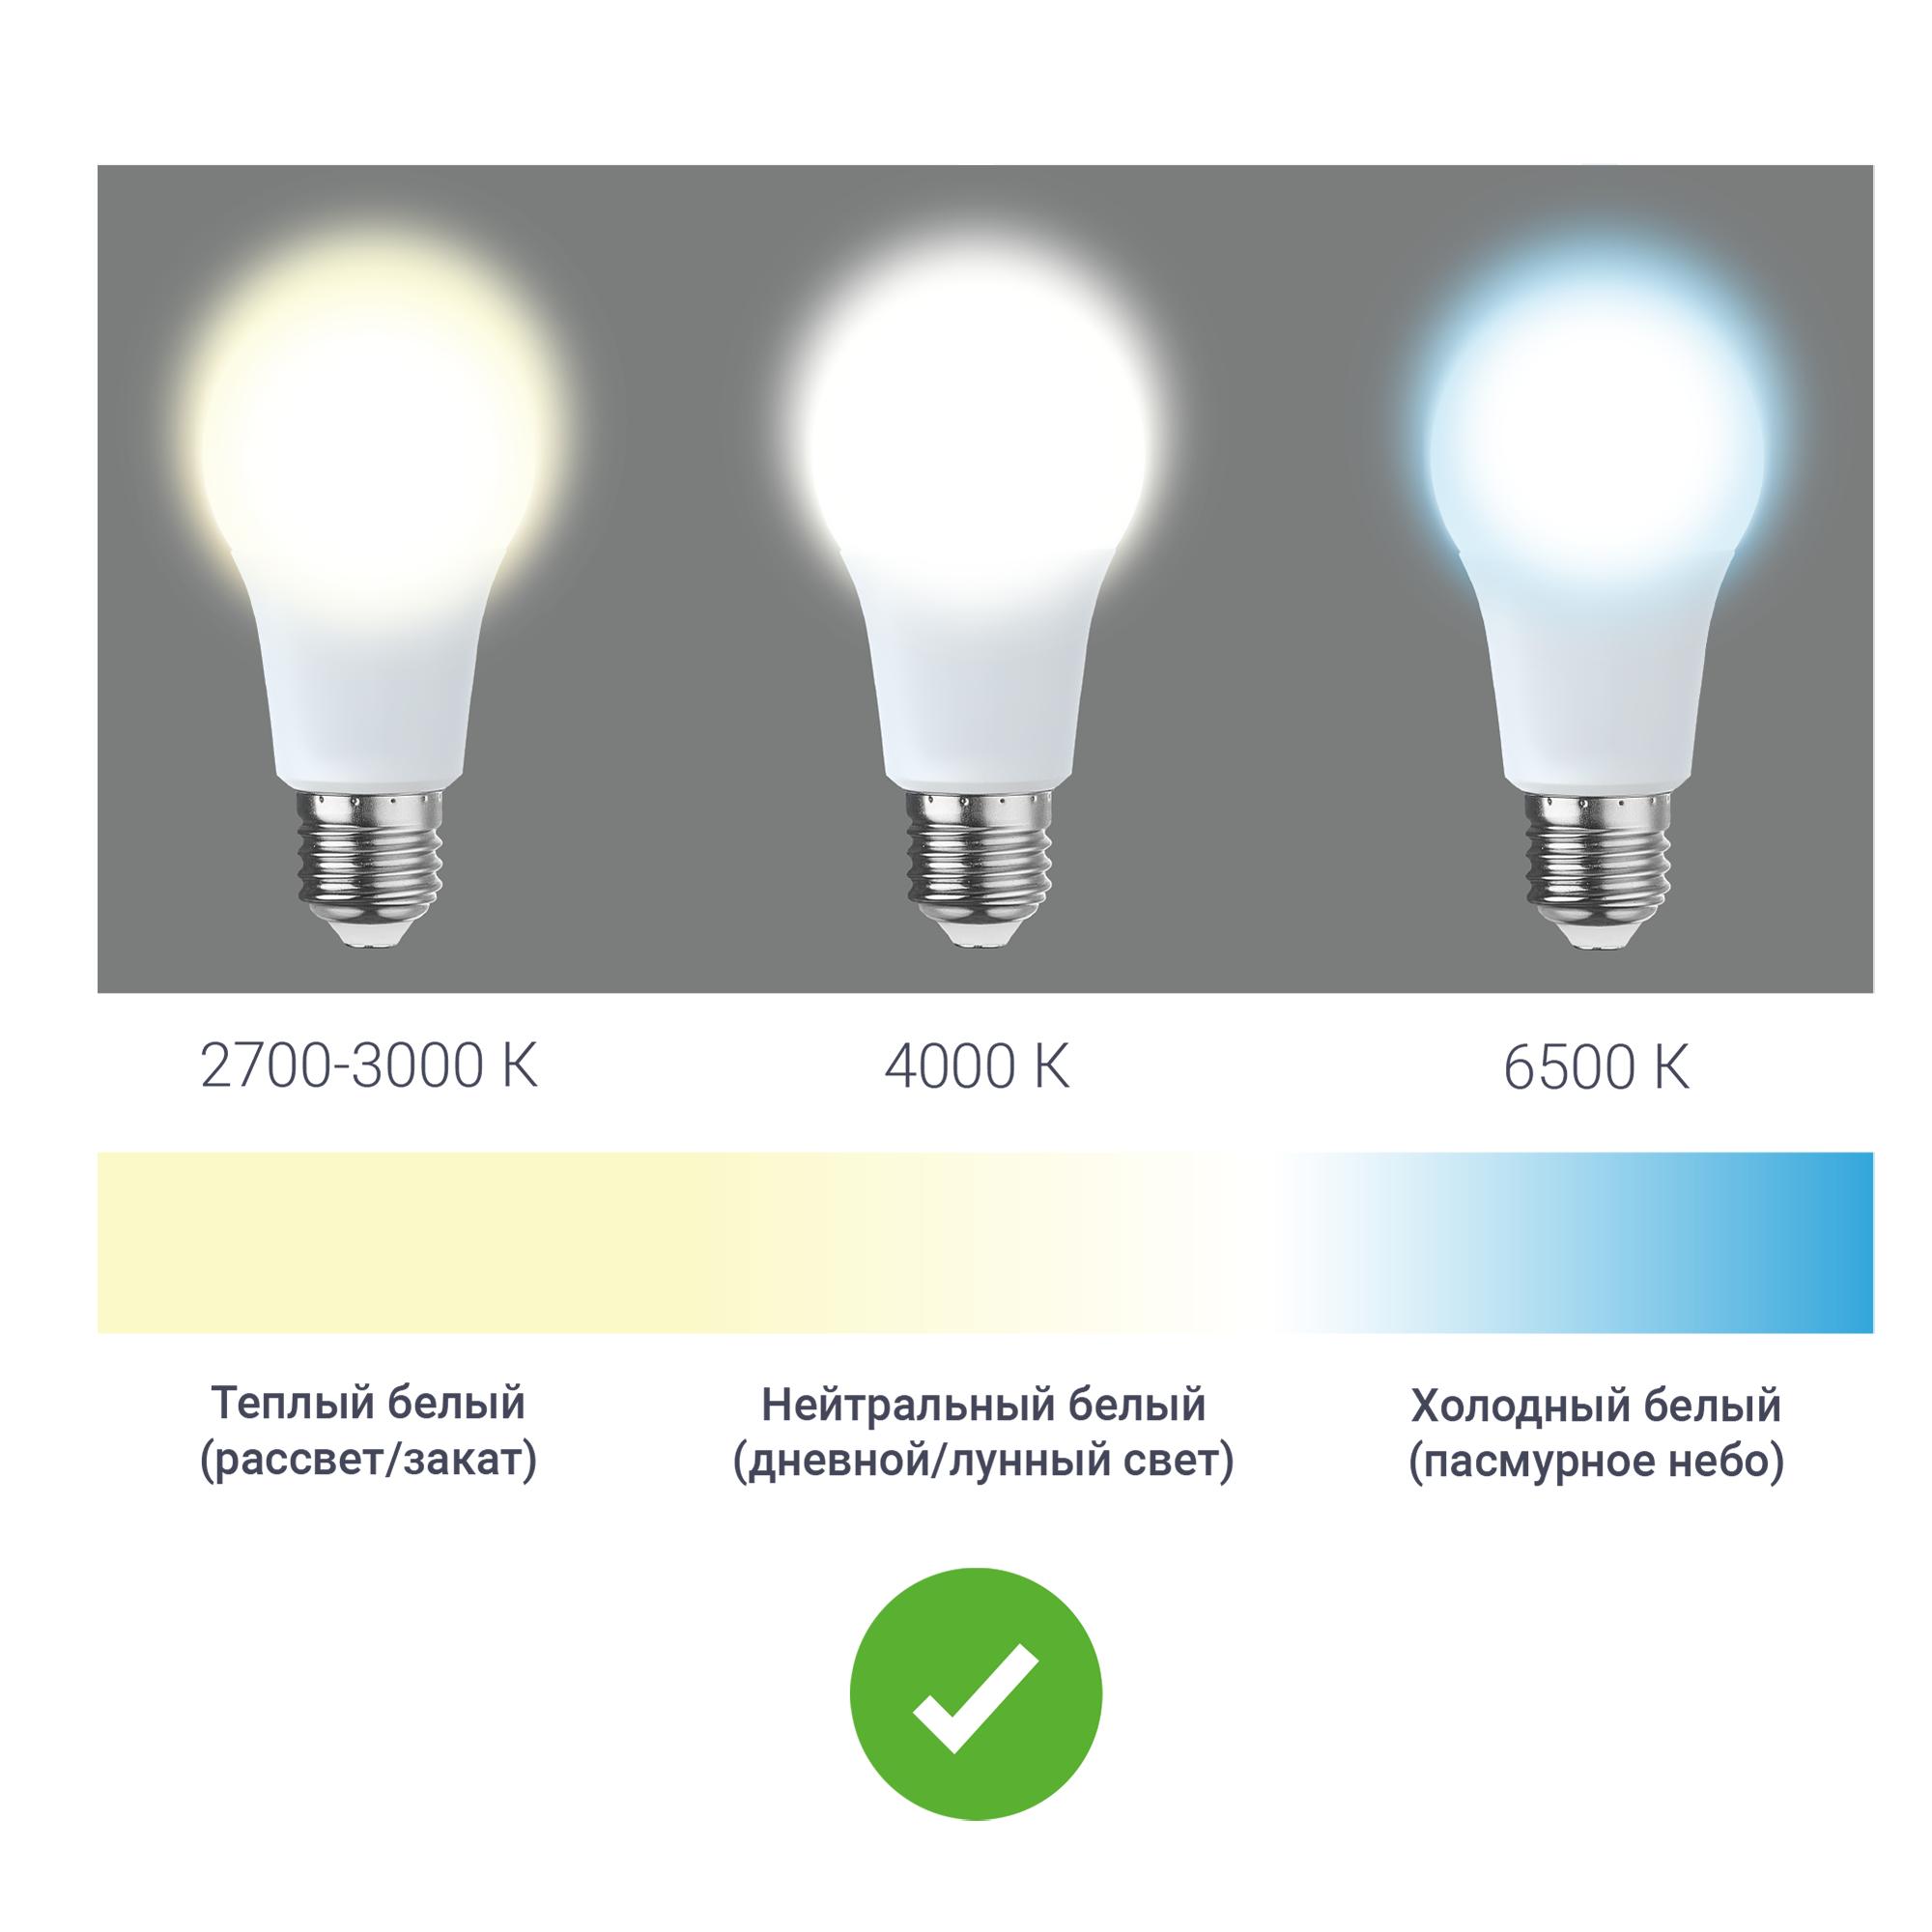 Лампа светодиодная Bellight Gх70 220 В 12 Вт диск прозрачна/матовый 1000 лм нейтральный белый свет